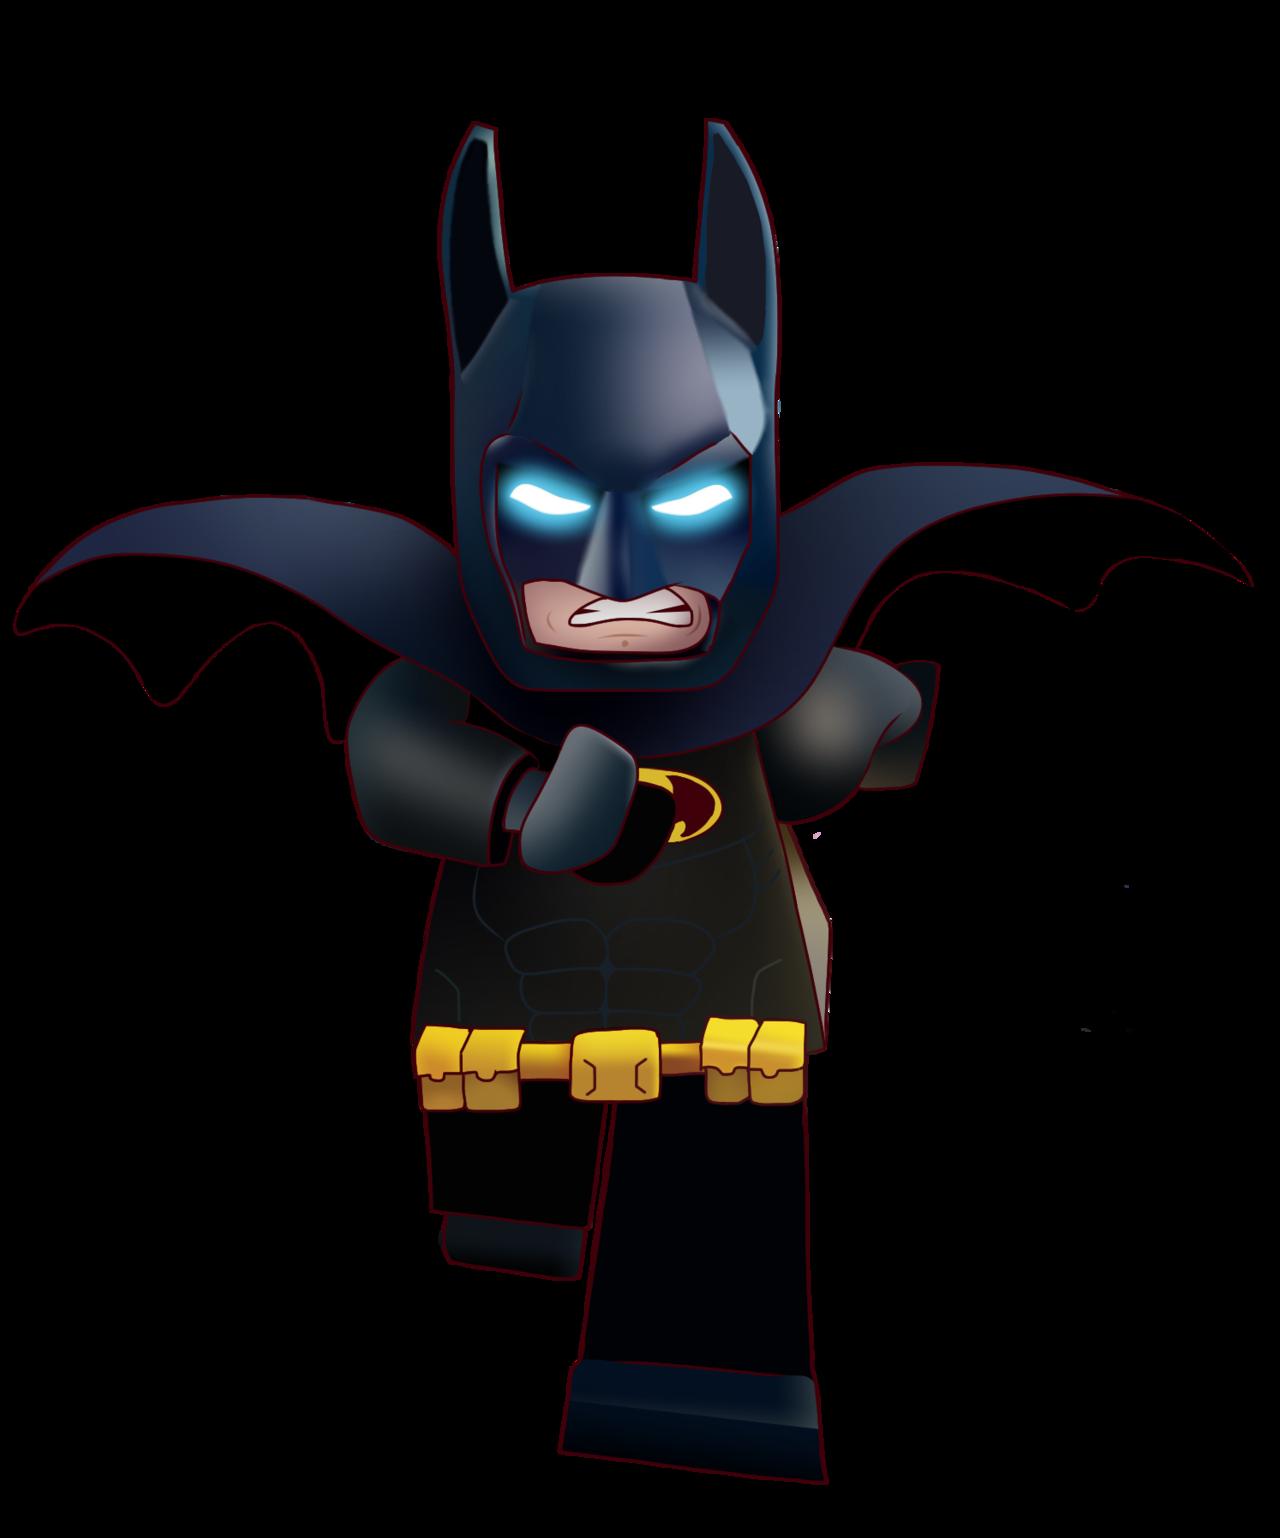 1280x1538 Lego Batman Clipart Png No Background Transparent